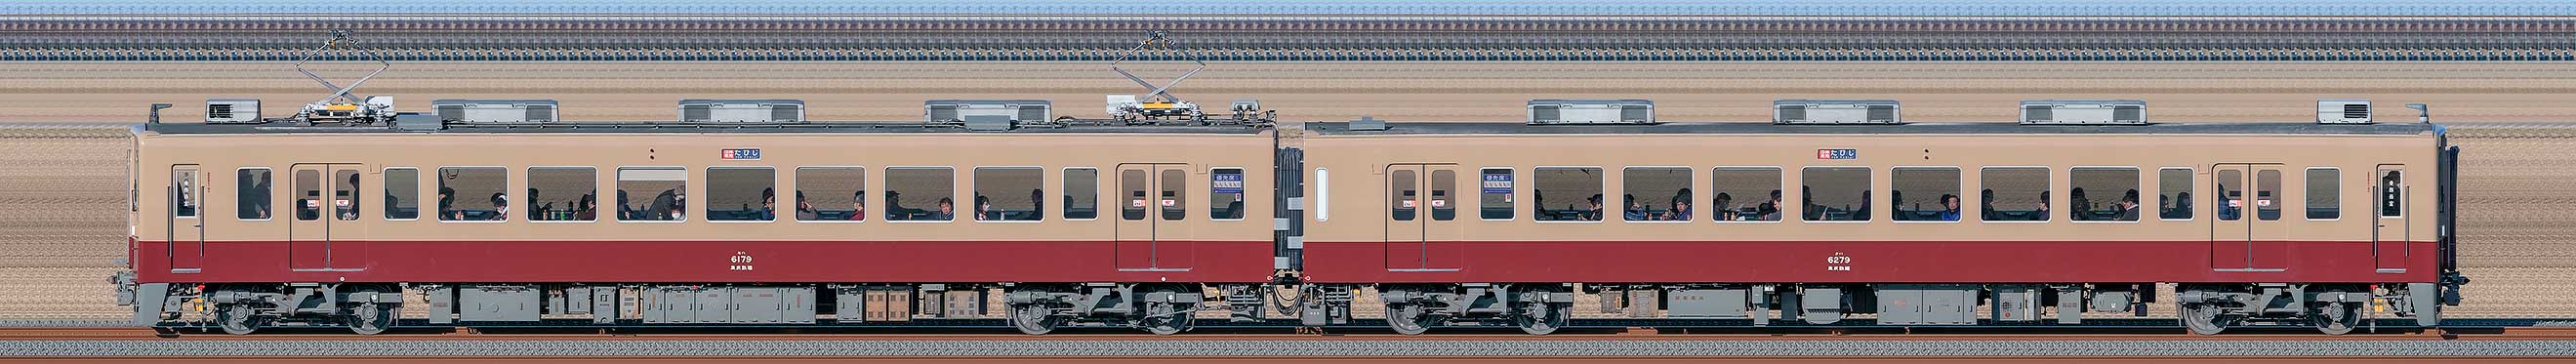 東武6050型6179編成「6000系リバイバルカラー」(海側)の編成サイドビュー